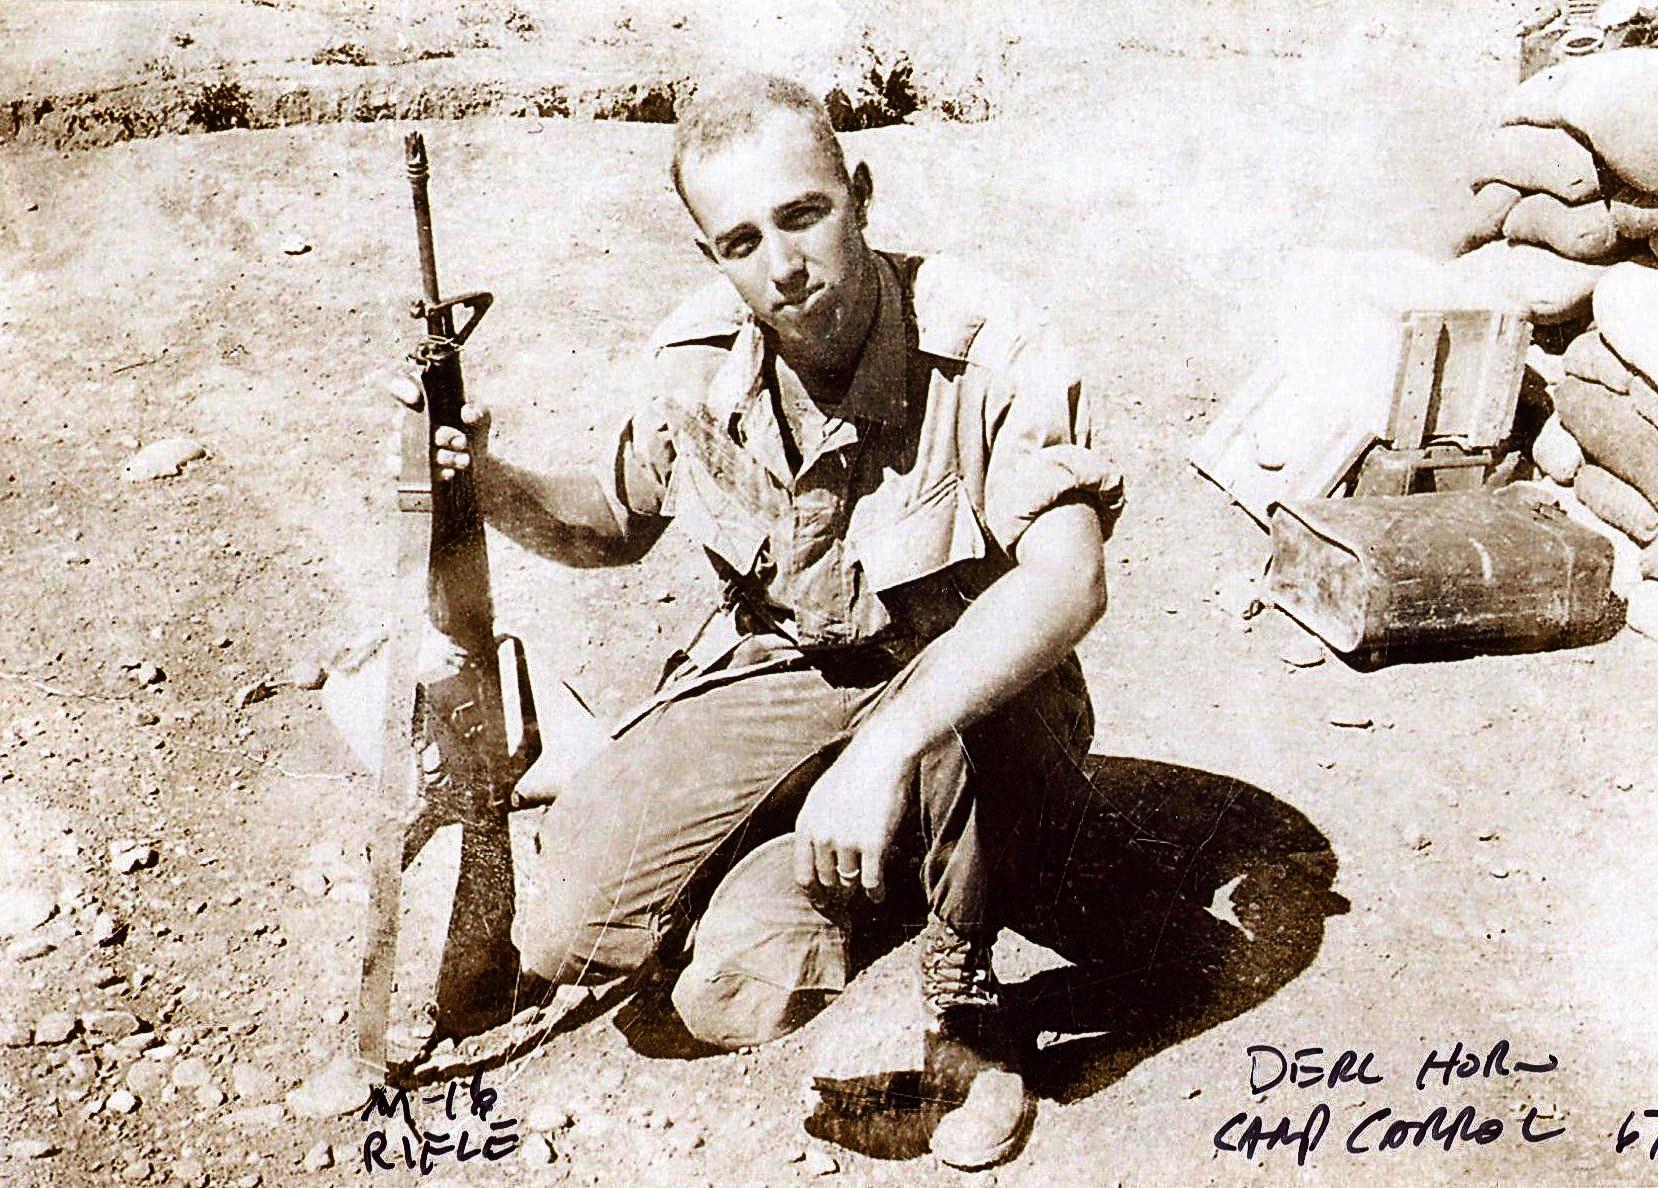 10 Derl in Vietnam 1967.jpg